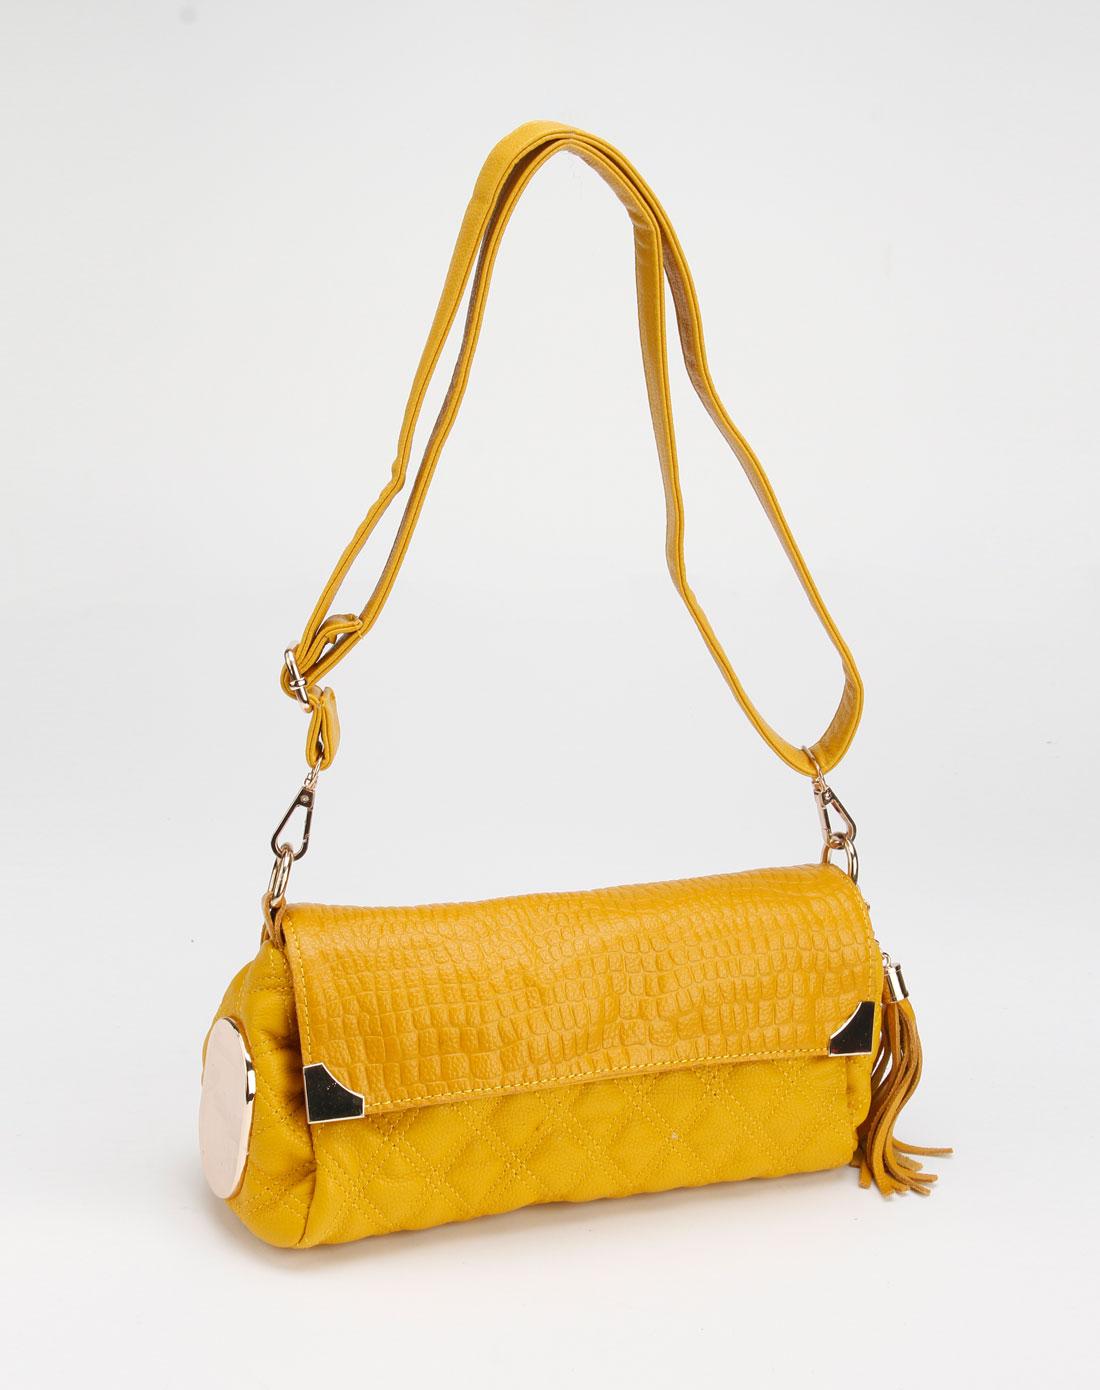 黄色菱形格子系列时尚斜挎包